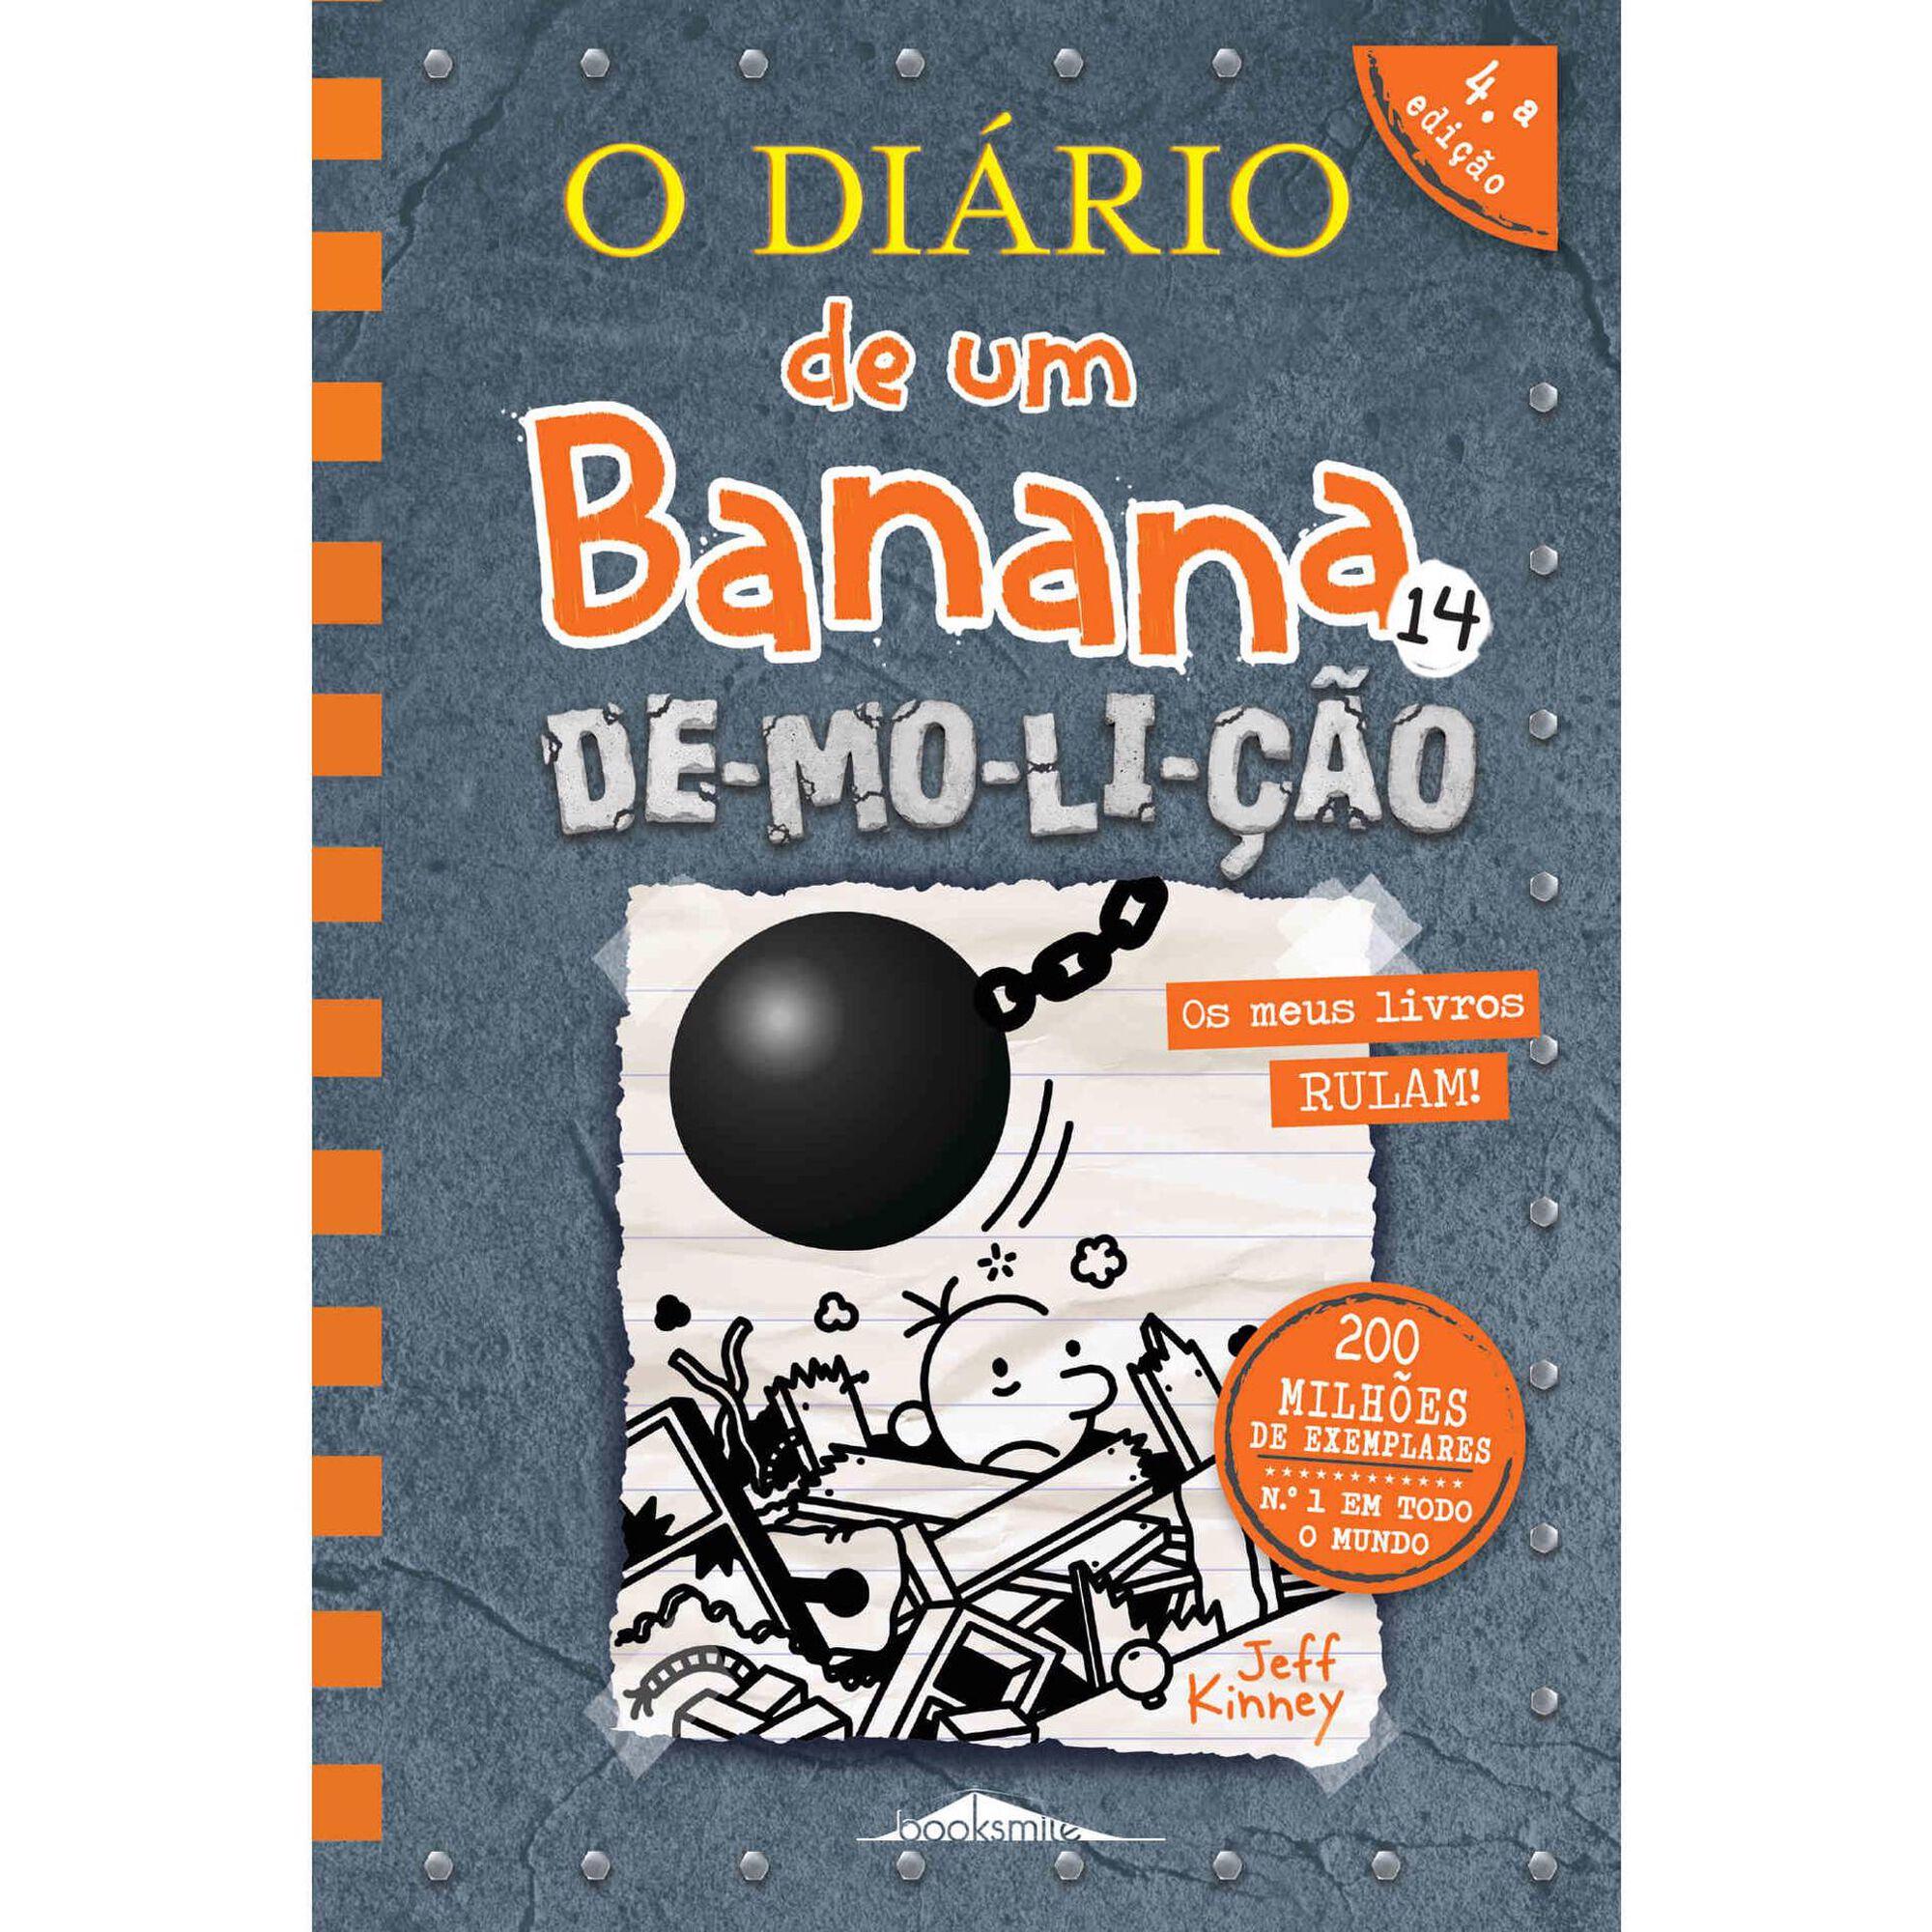 O Diário de um Banana 14 - De-mo-li-ção